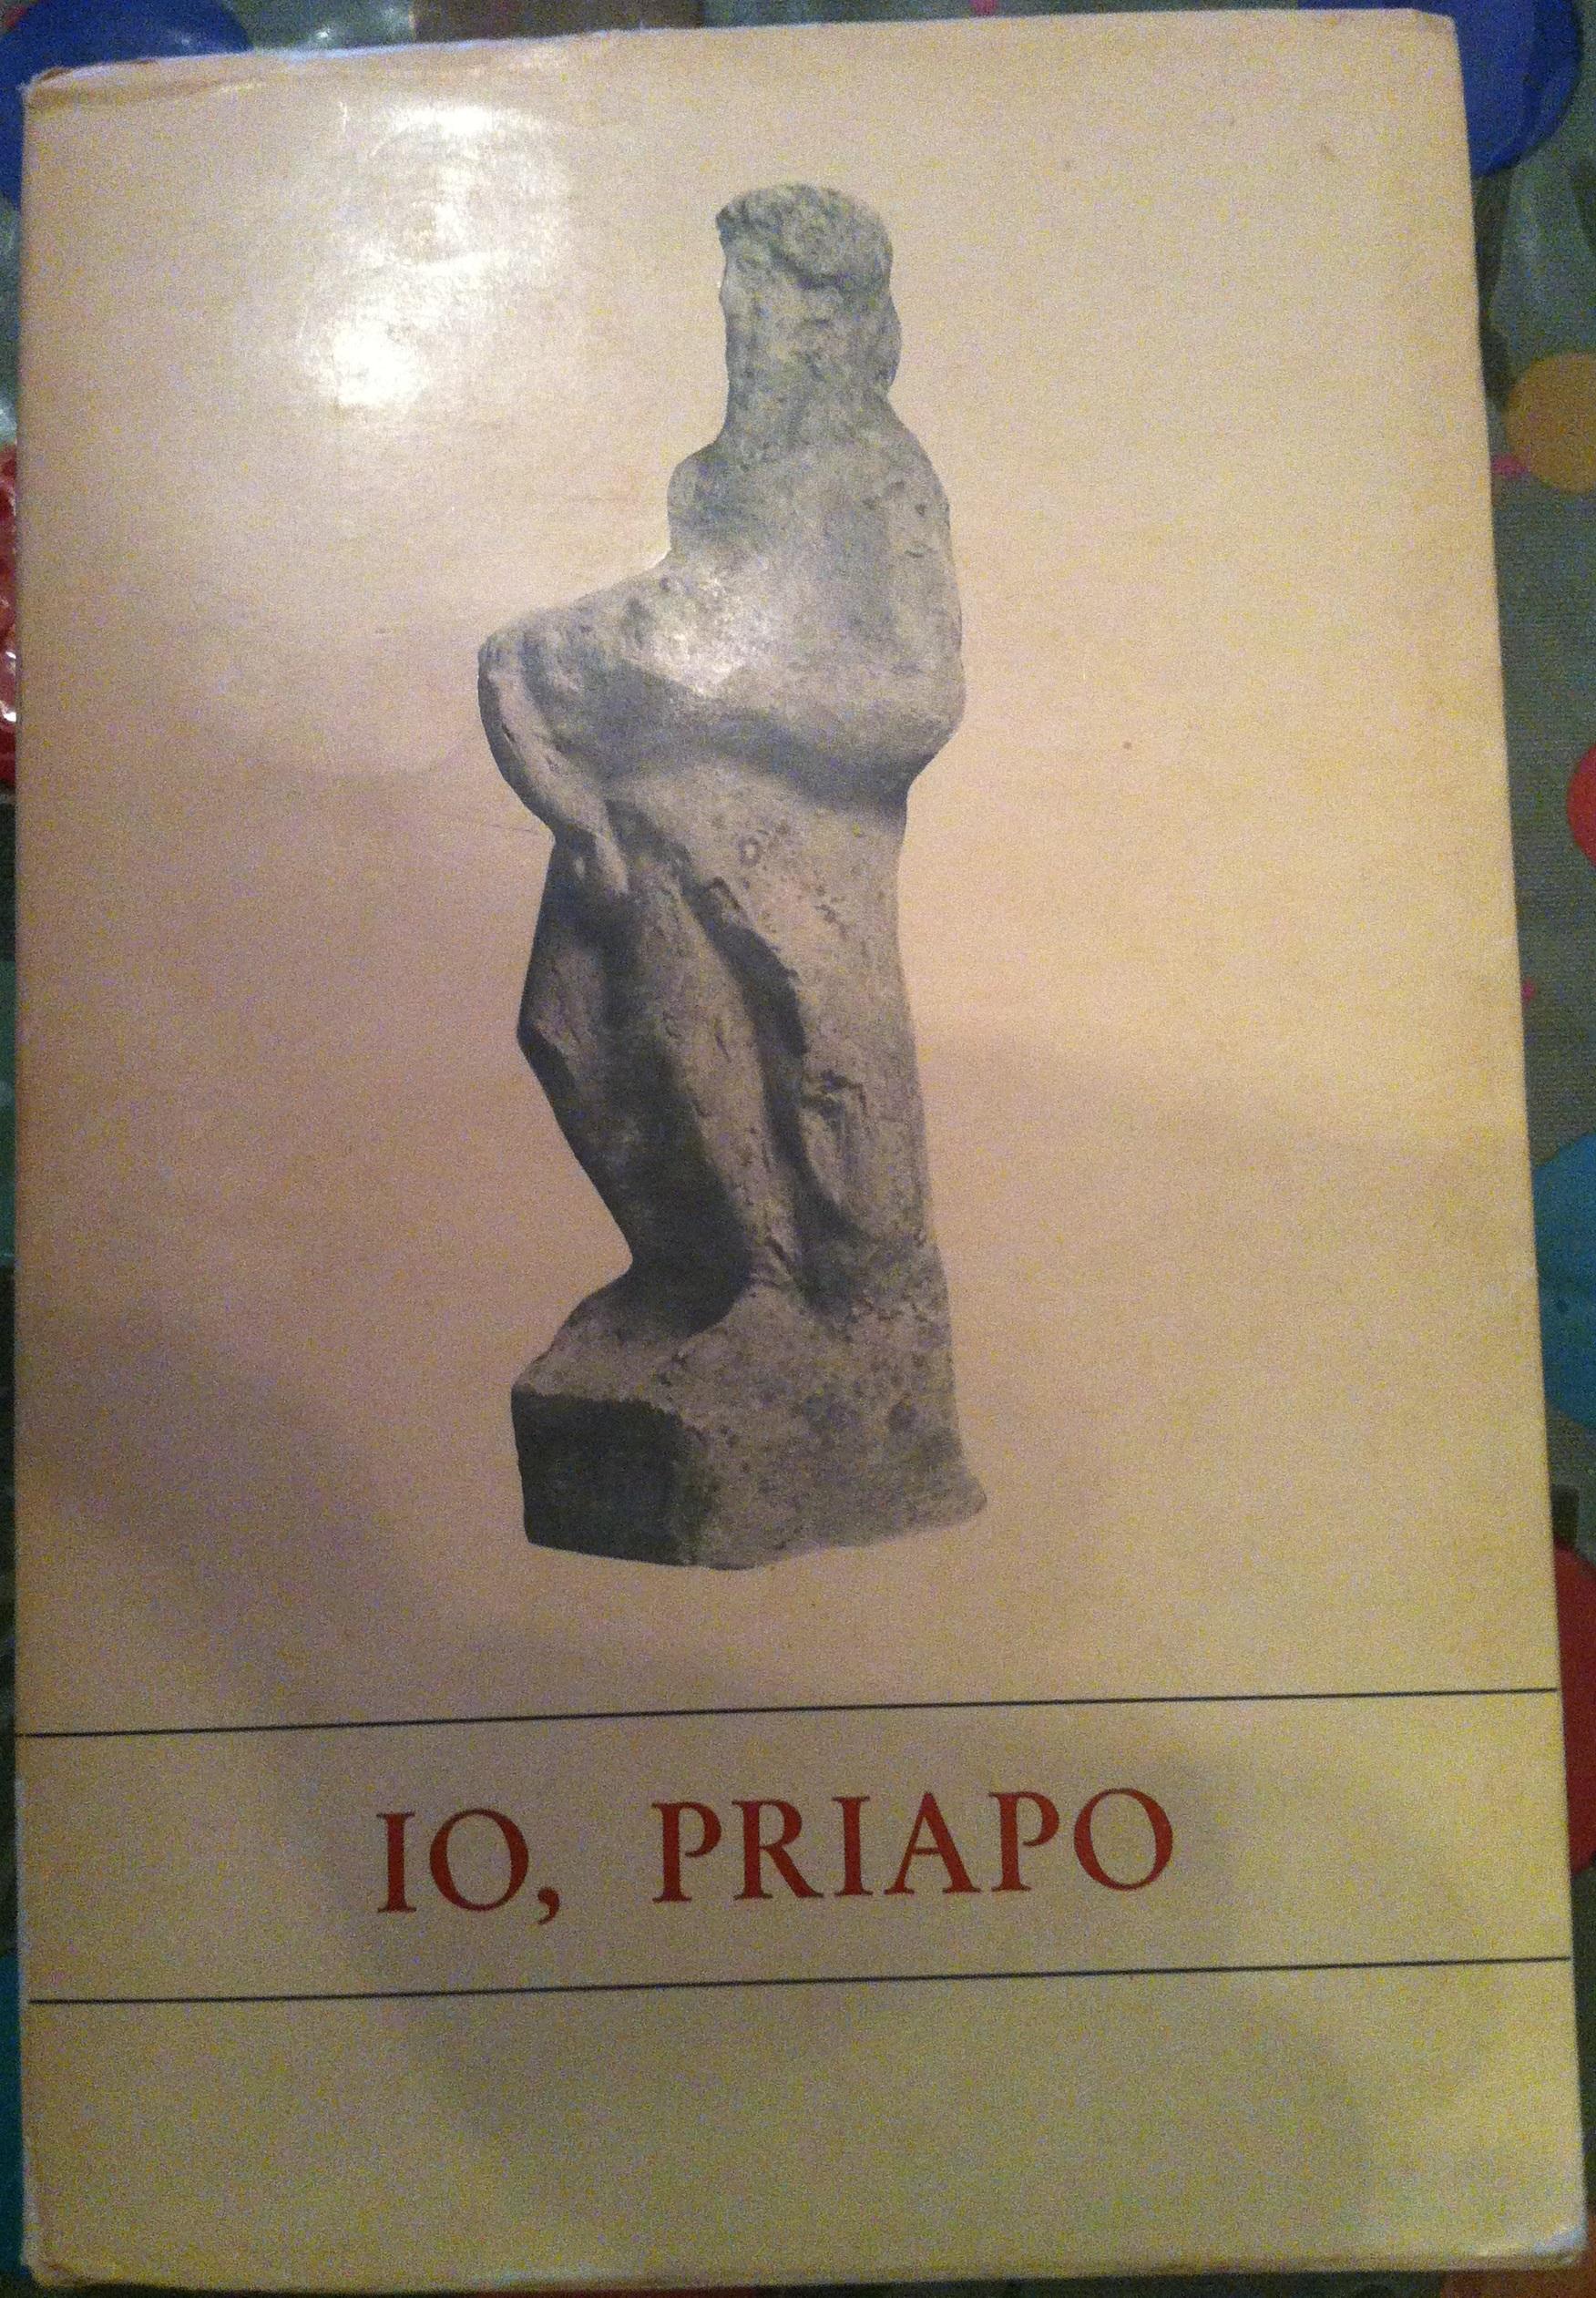 Io, Priapo